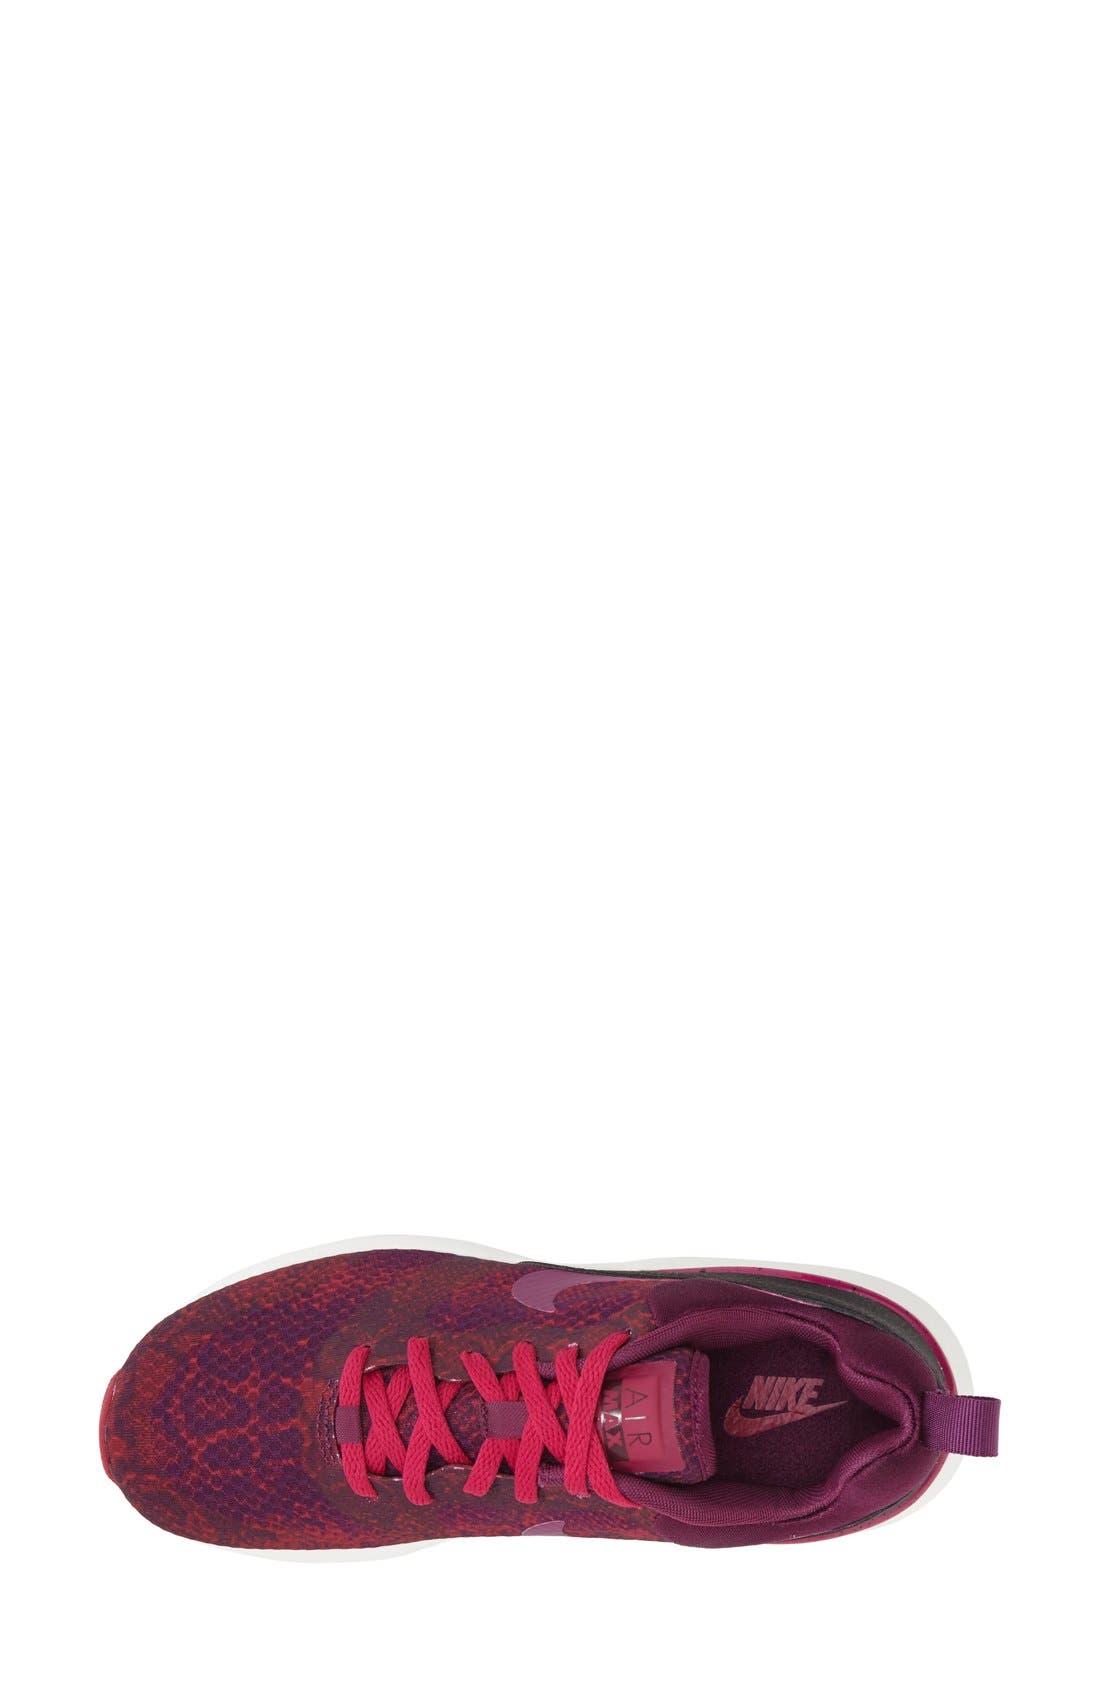 Alternate Image 3  - Nike 'Air Max Siren' Print Sneaker (Women)